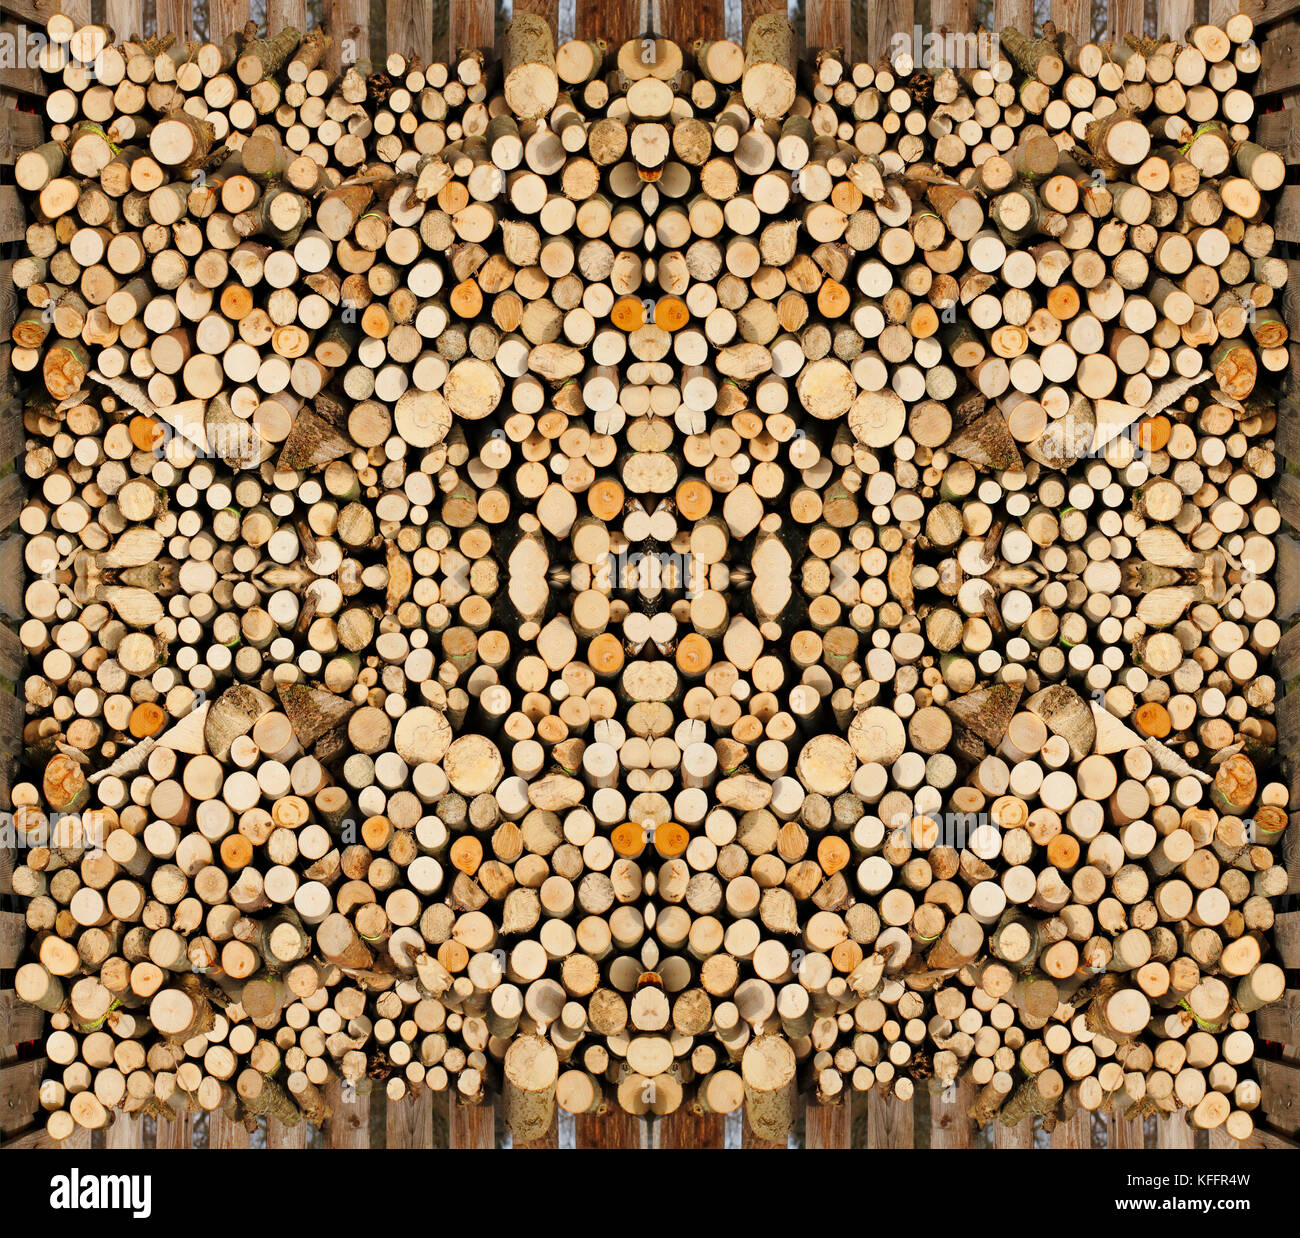 Holzstapel, aufgeschichtetes Holz fertig gesägt als Brennholz - Stock Image